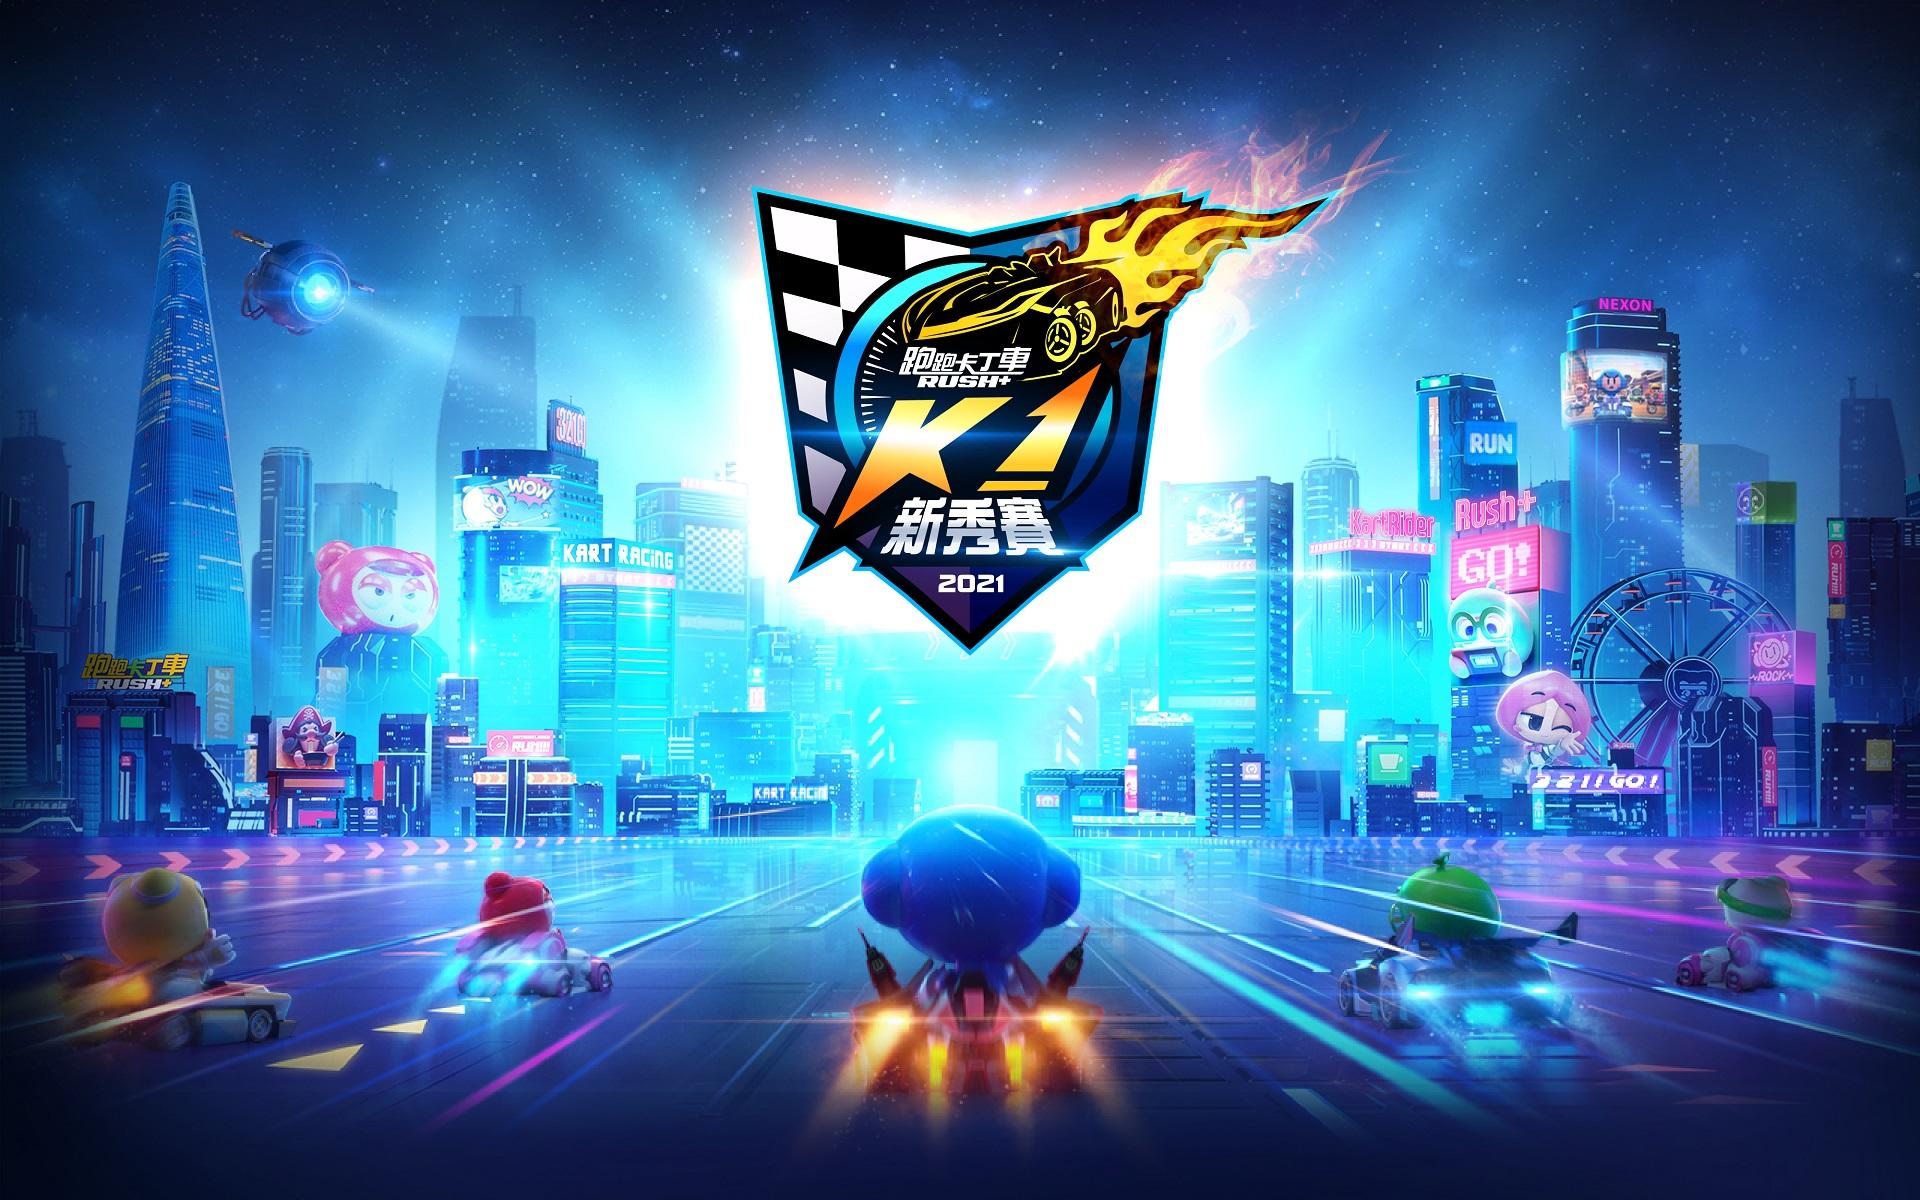 《跑跑卡丁車RUSH+》K1聯賽 頂尖戰隊齊聚一堂 共同爭奪榮耀!